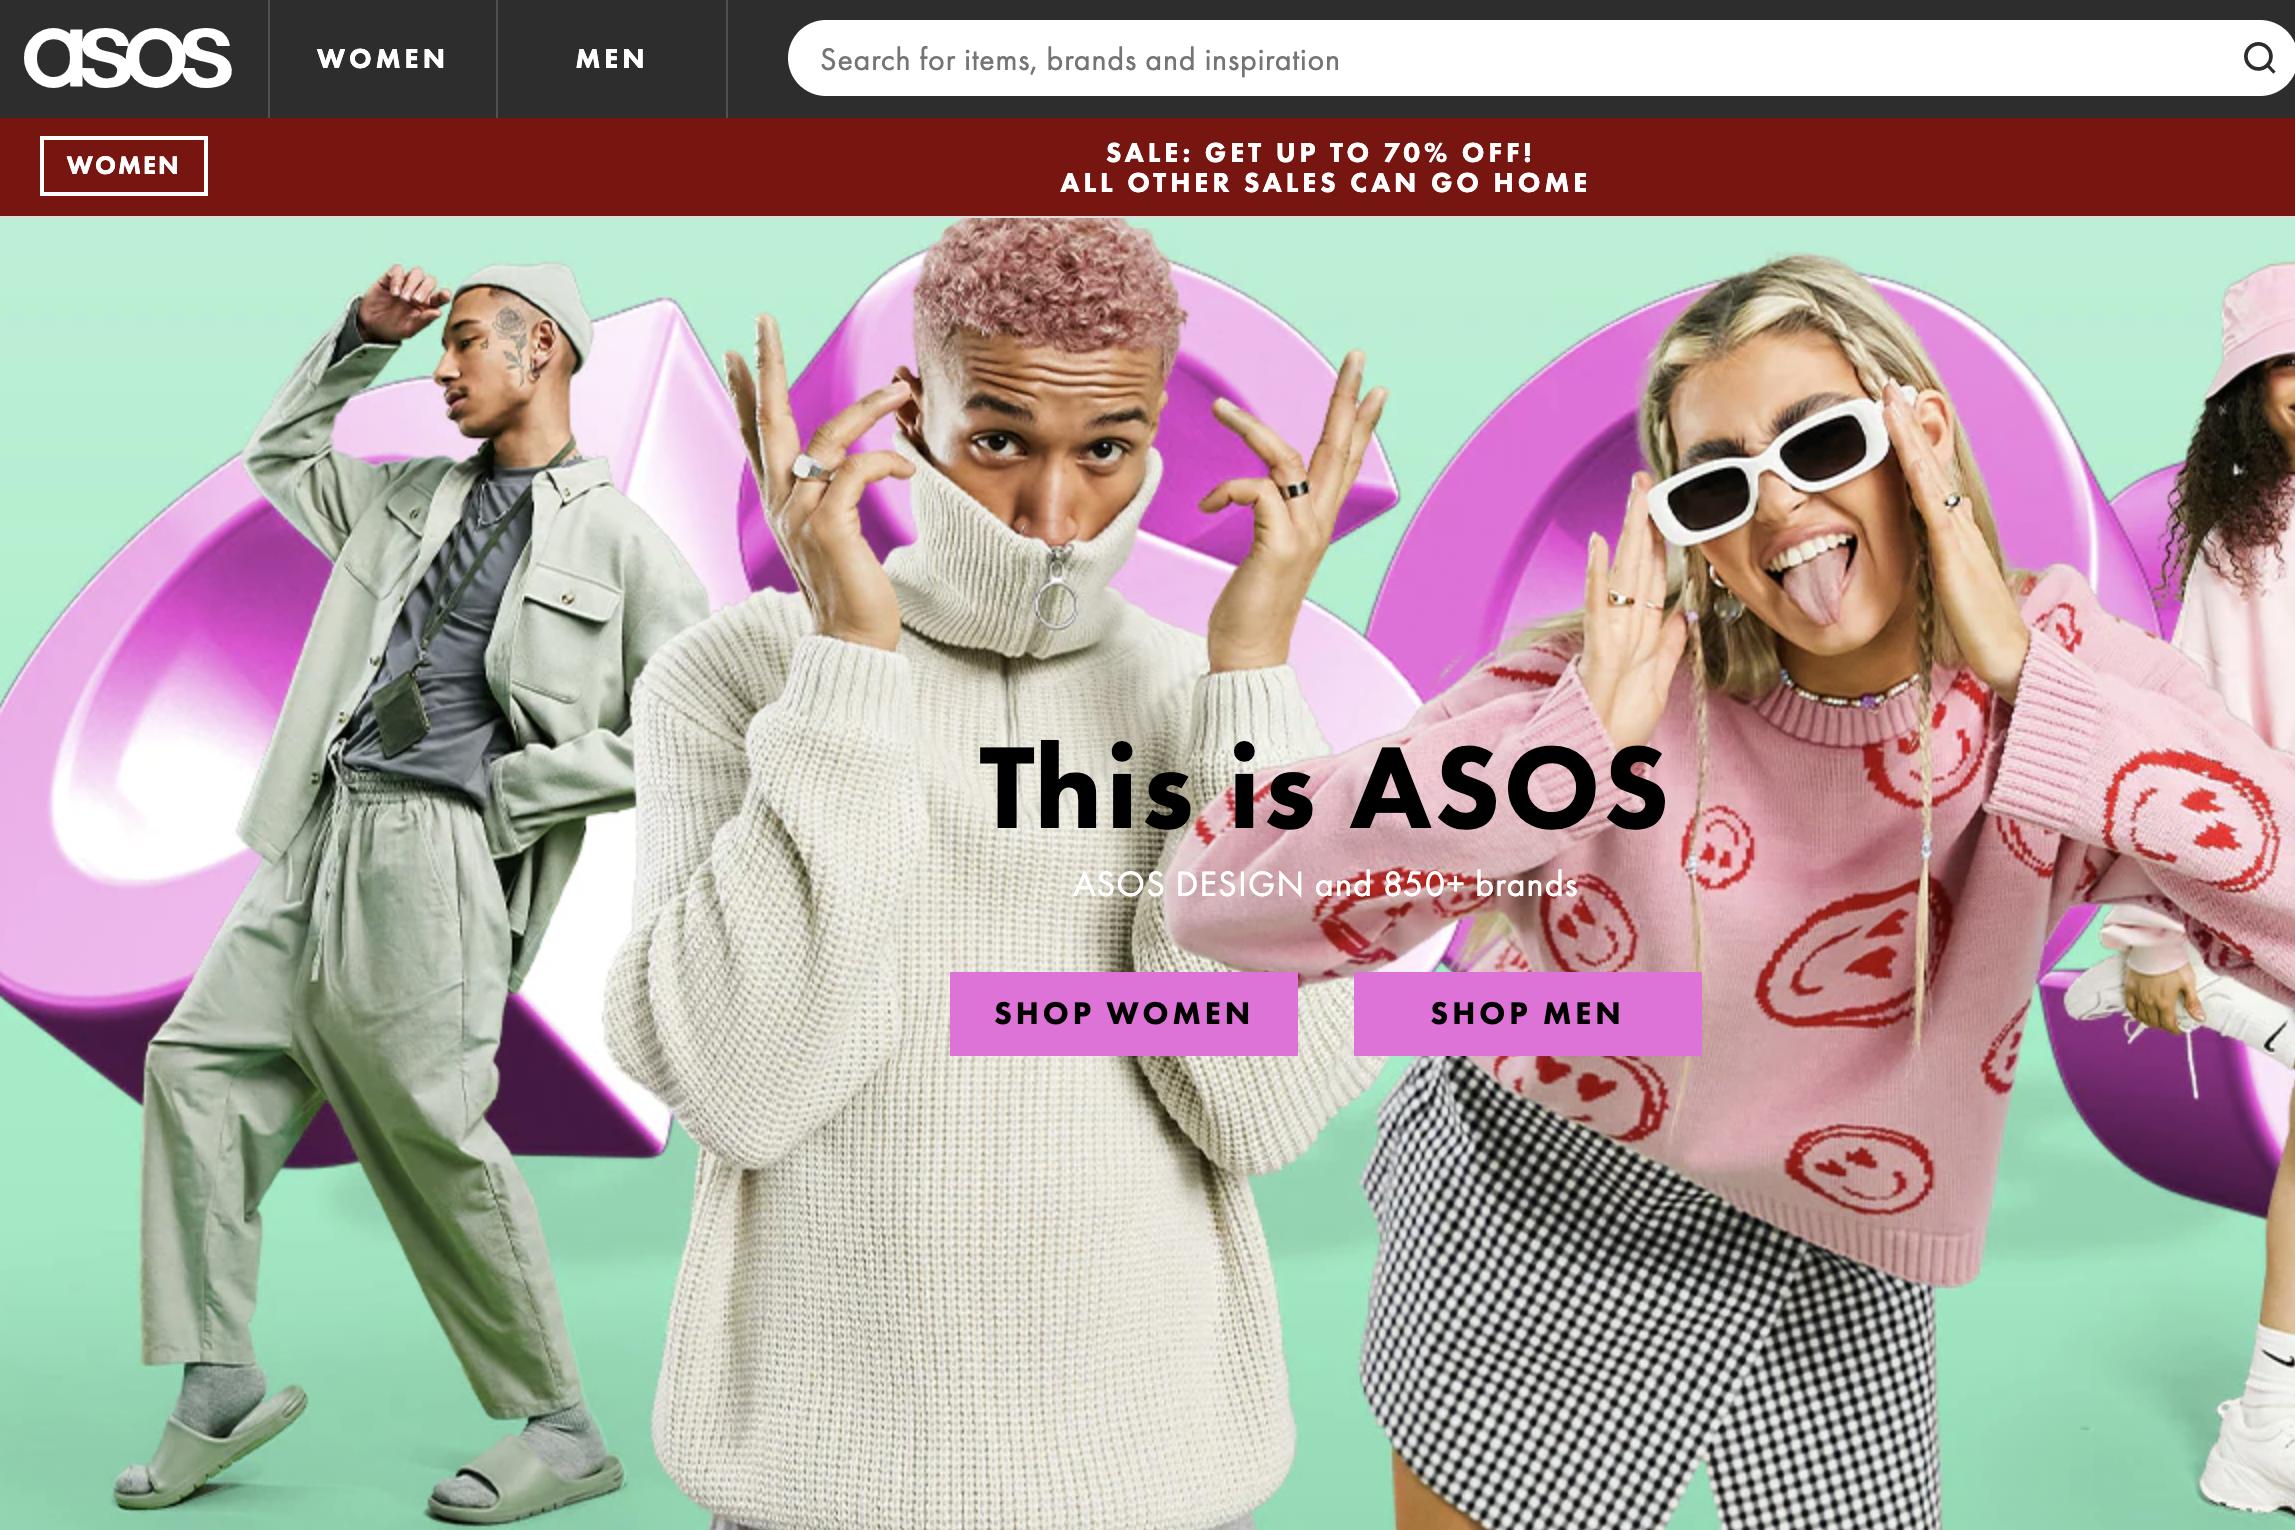 英国时尚电商 ASOS 上半财年利润大增275%,拟通过债券筹资5亿英镑